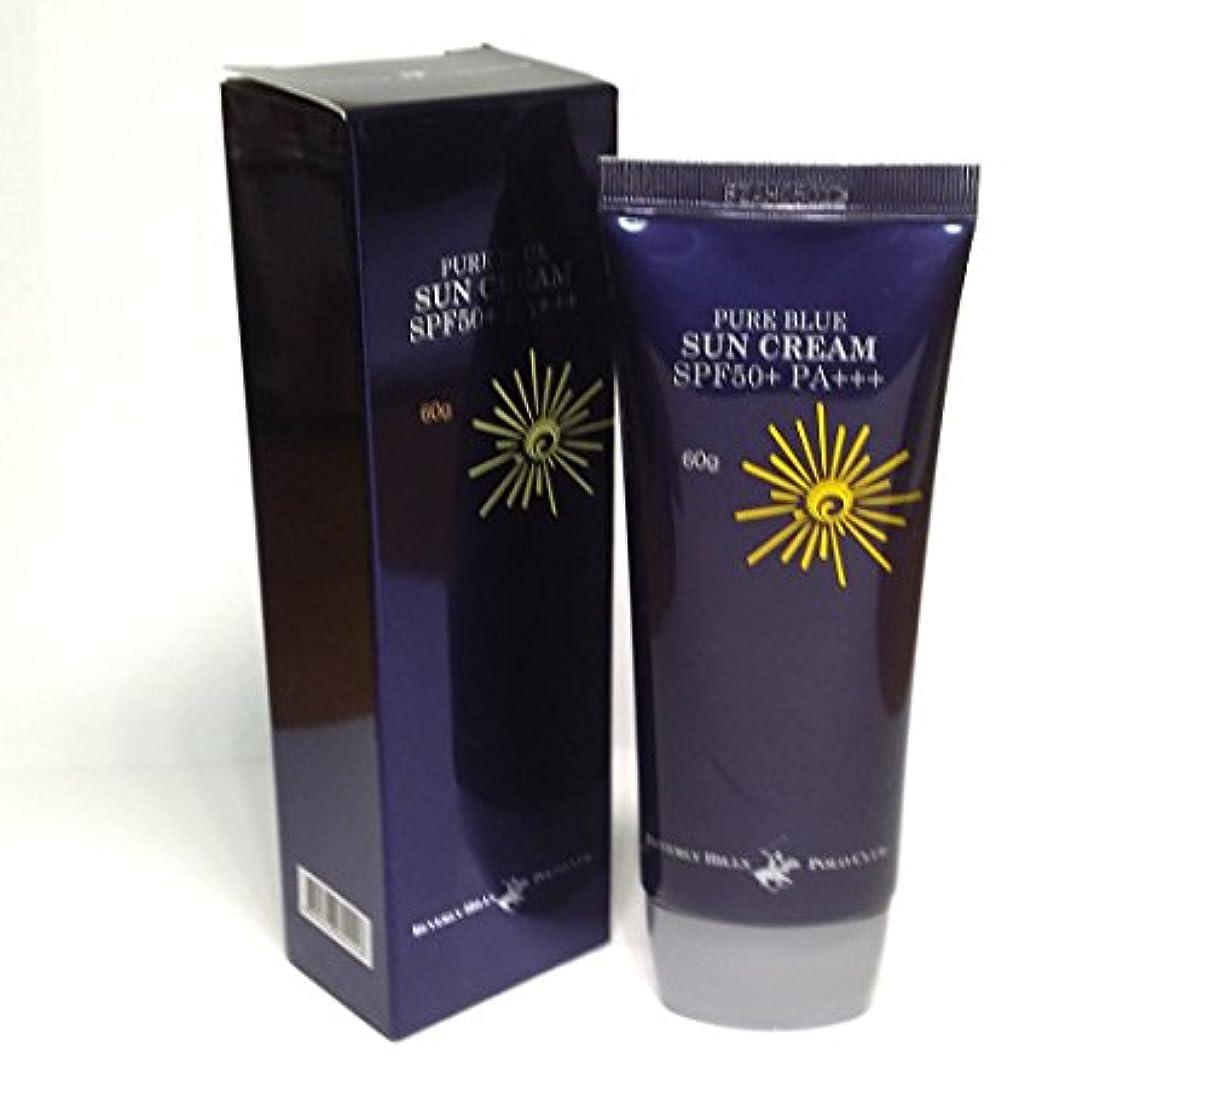 来て最大限現在[BEVERLY HILLS POLO CLUB] ピュアブルーサンクリームSPF50 + PA +++ 60g X 1ea / 韓国化粧品 / Pure Blue Sun Cream SPF50+ PA+++ 60g...